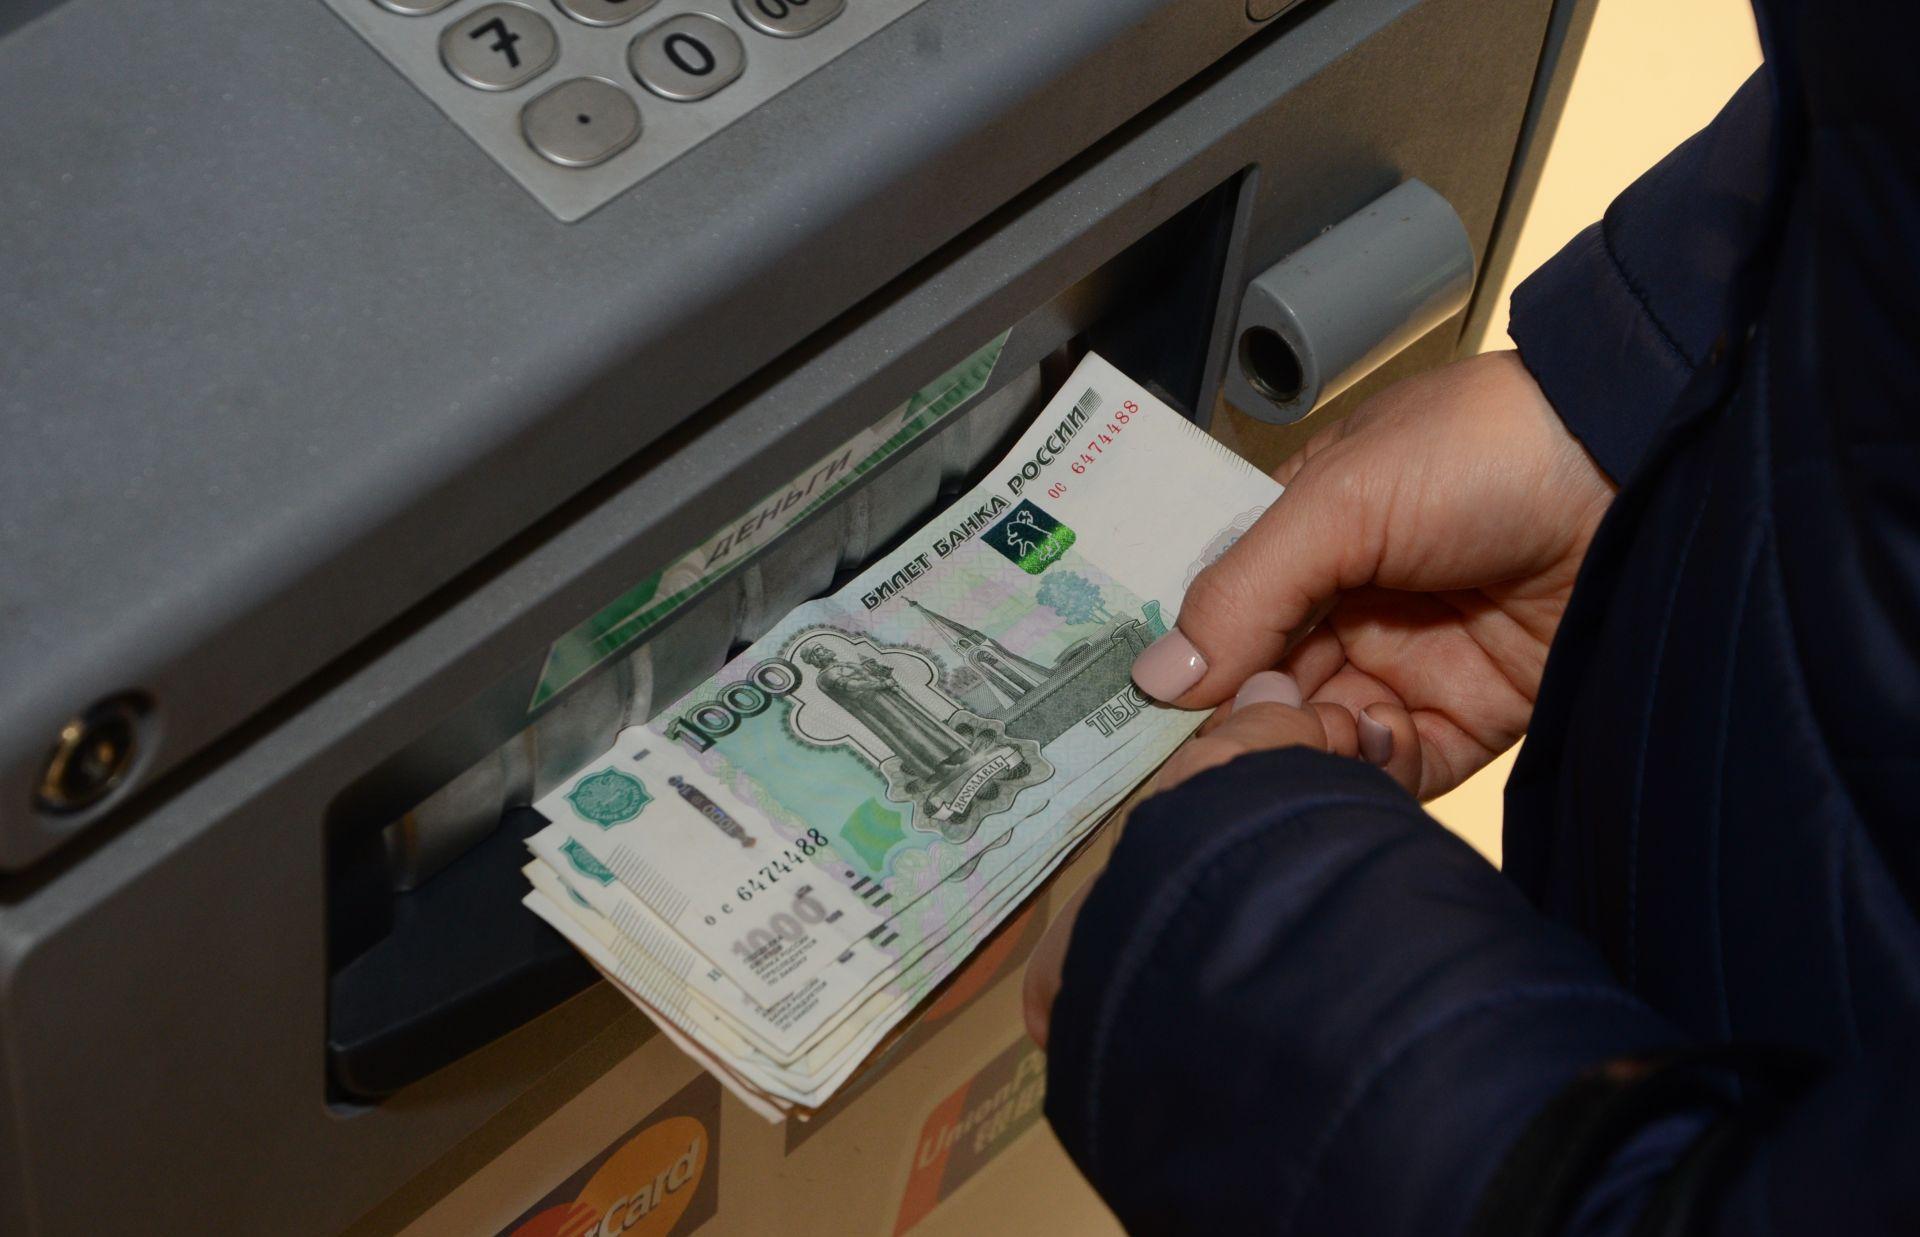 Украли деньги с карты - что делать?